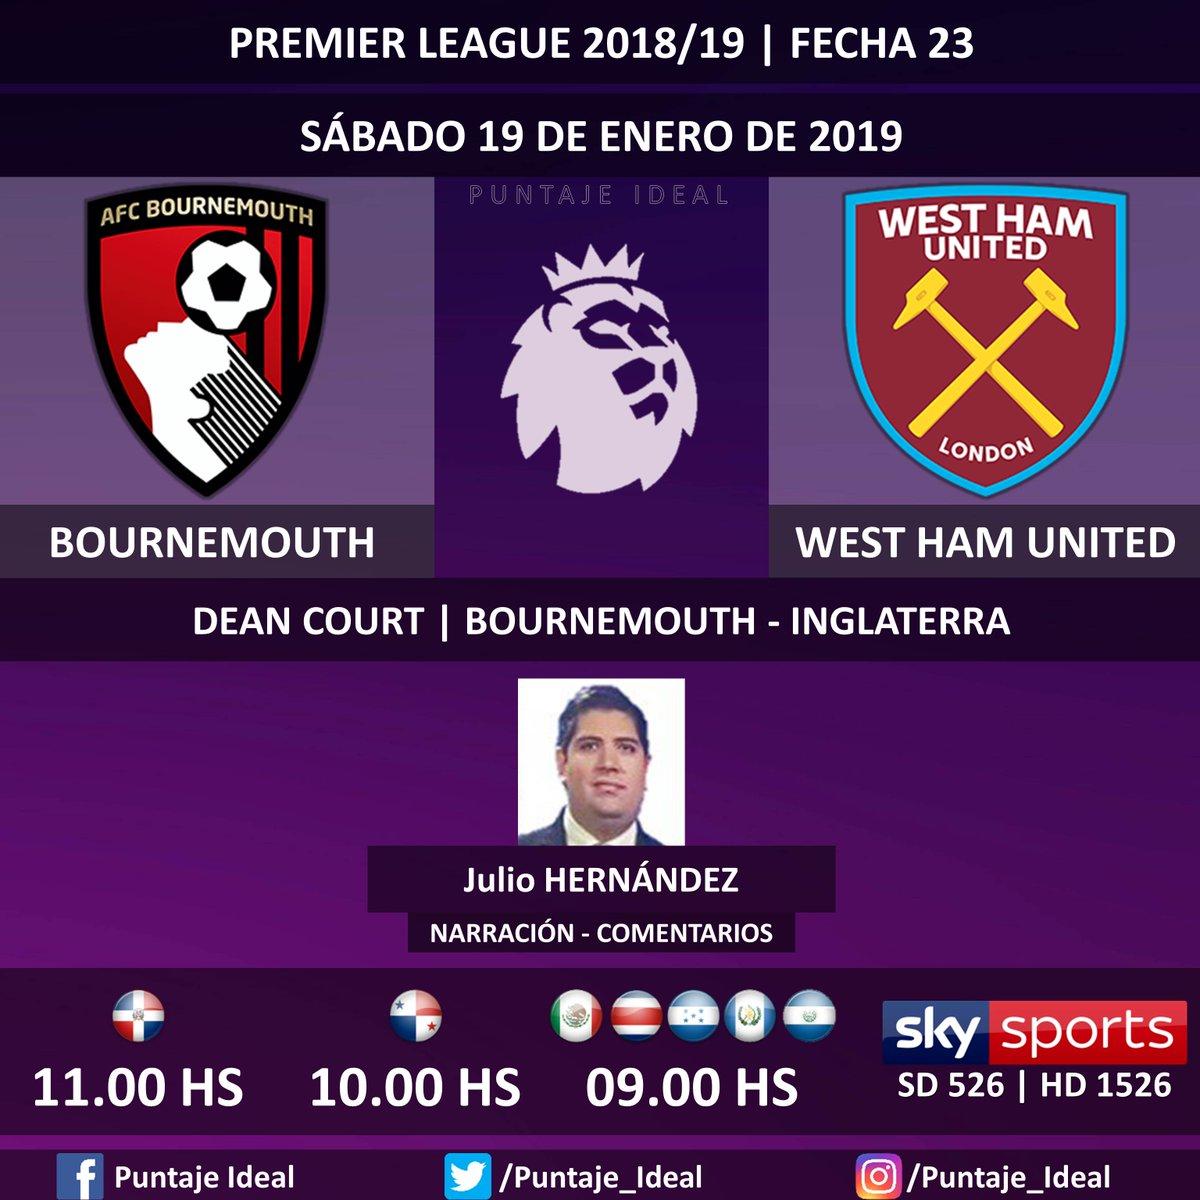 ⚽ #FútbolPorSKY   #Bournemouth vs. #WestHamUnited  🎙 Narración y comentarios: @jhdez85  📺 TV: #SKYSports (526 - 1526 HD) 🤳 @futbolporsky - #PremierLeague 🏴 - #BOUWHU  Dale RT 🔃